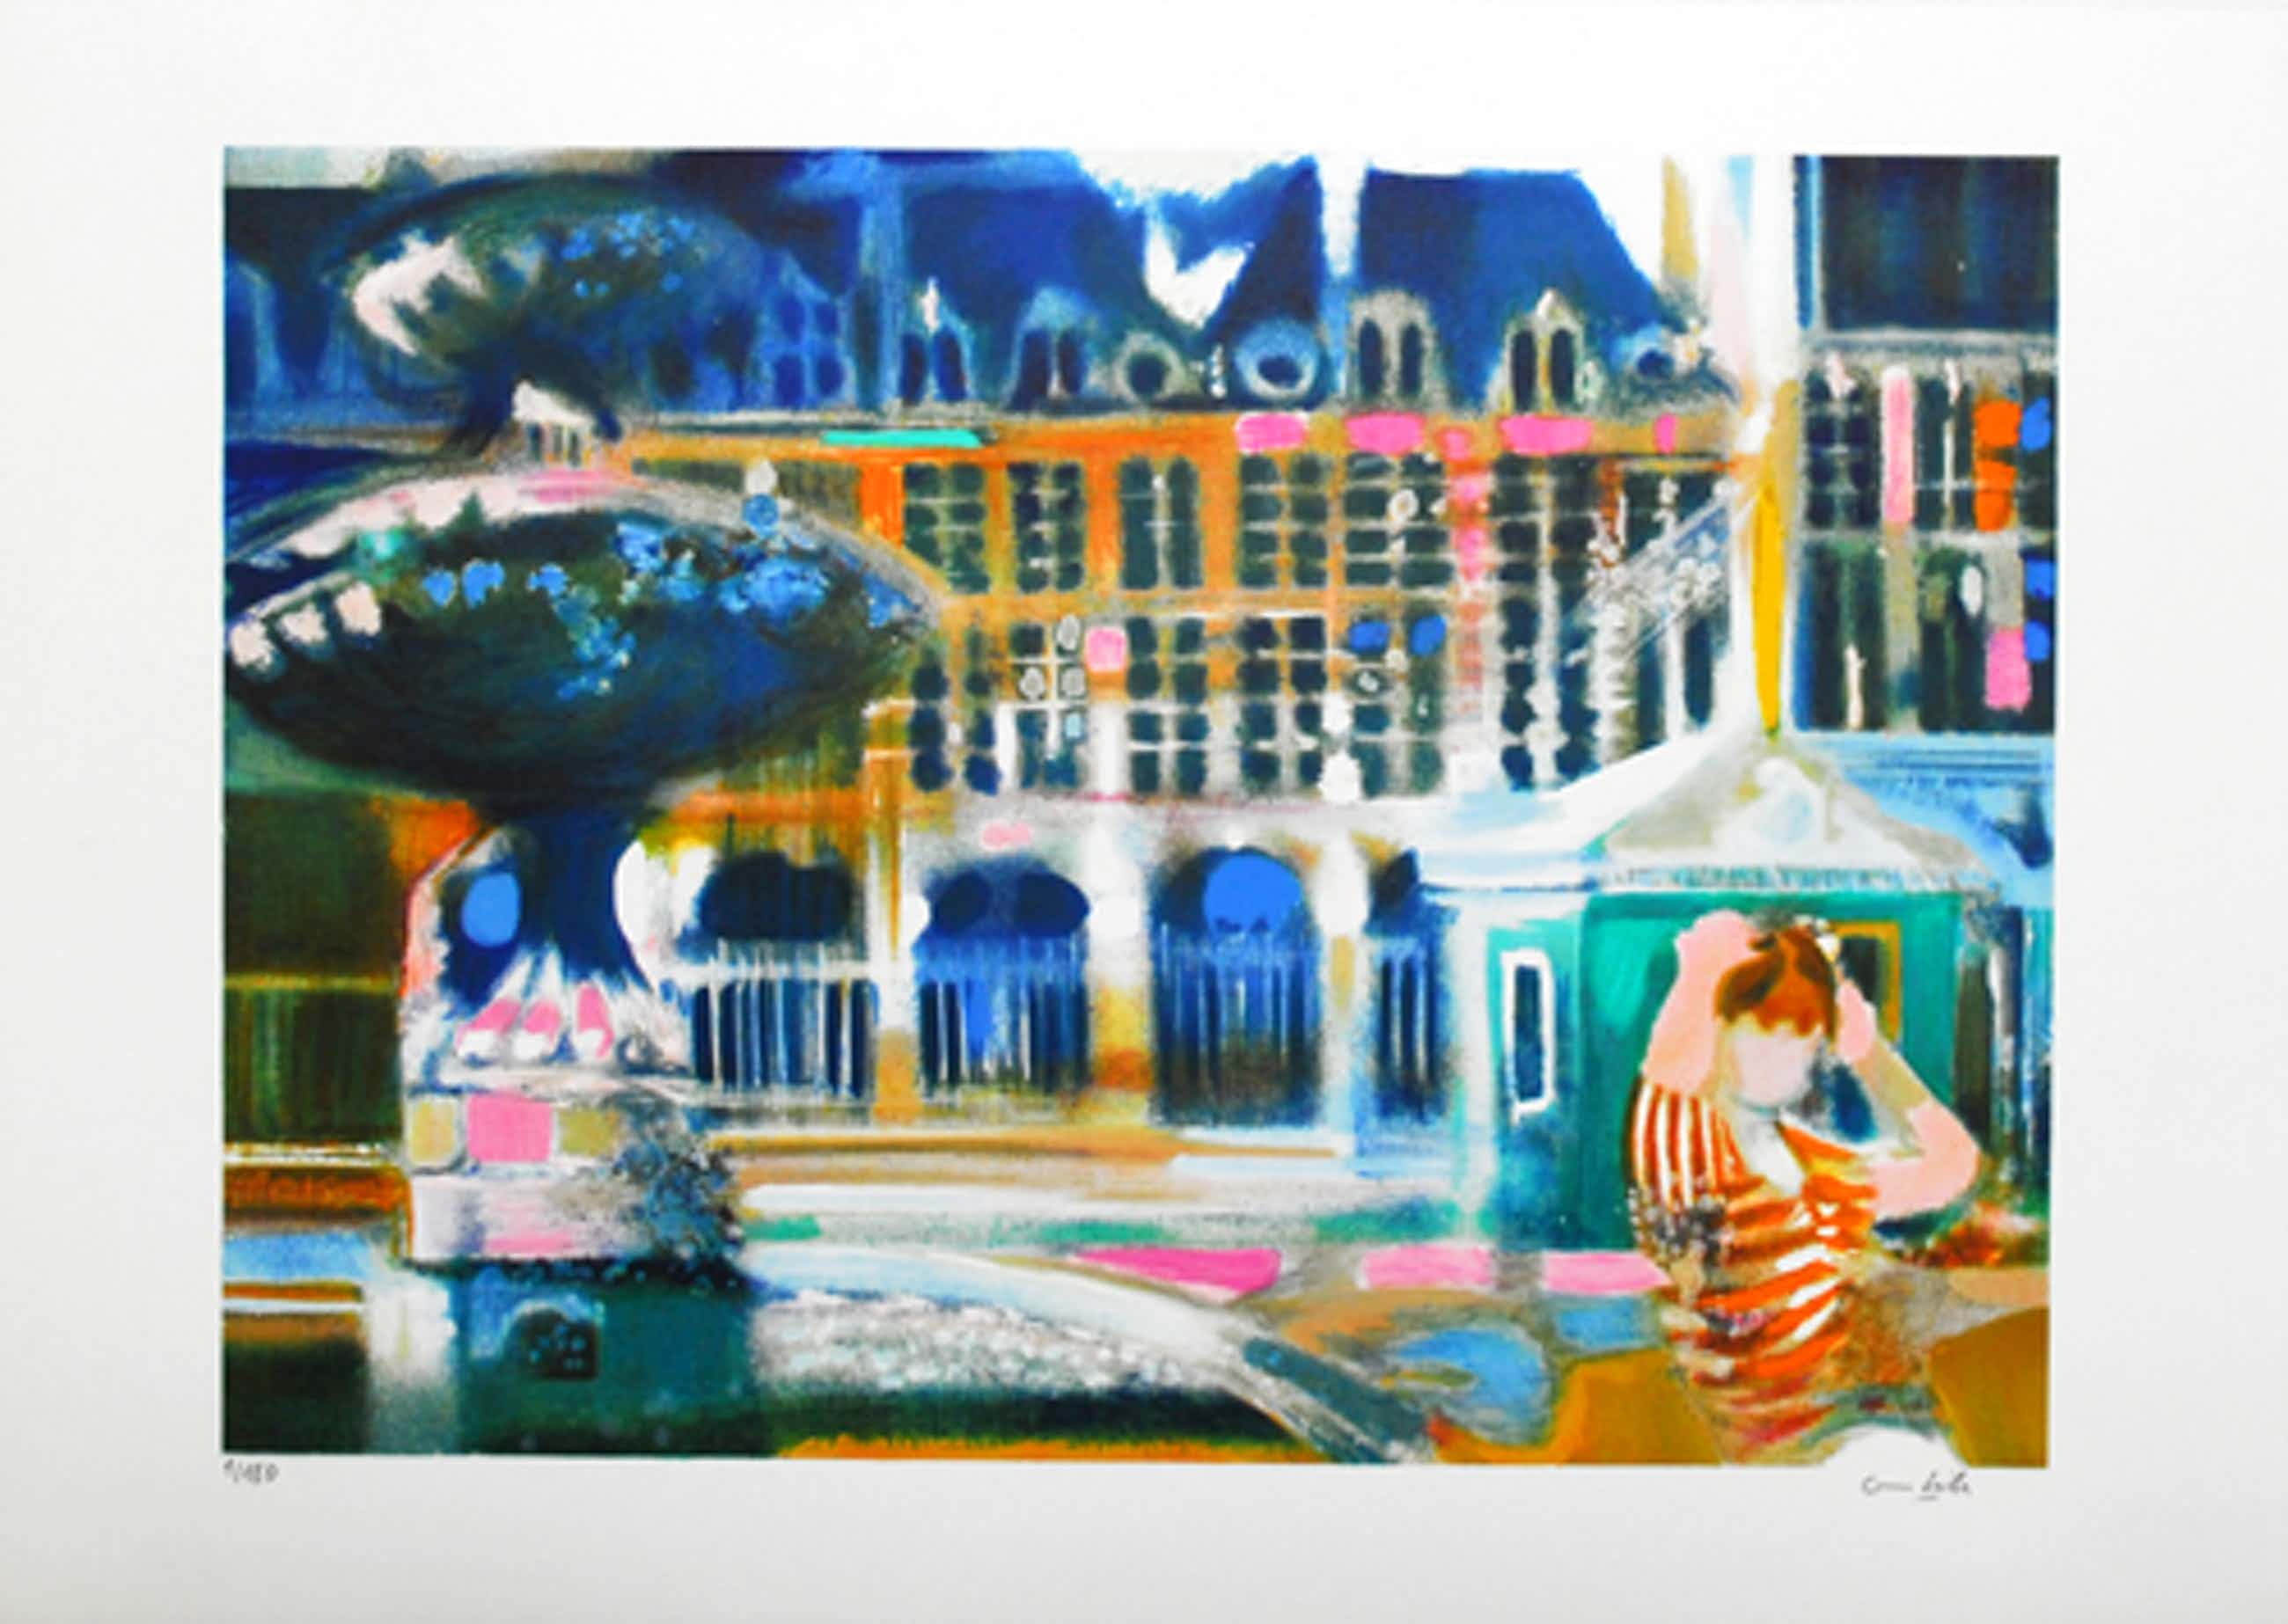 Paul Ambille - Handgesigneerde lithografie: Paris - Place des Vosges kopen? Bied vanaf 45!